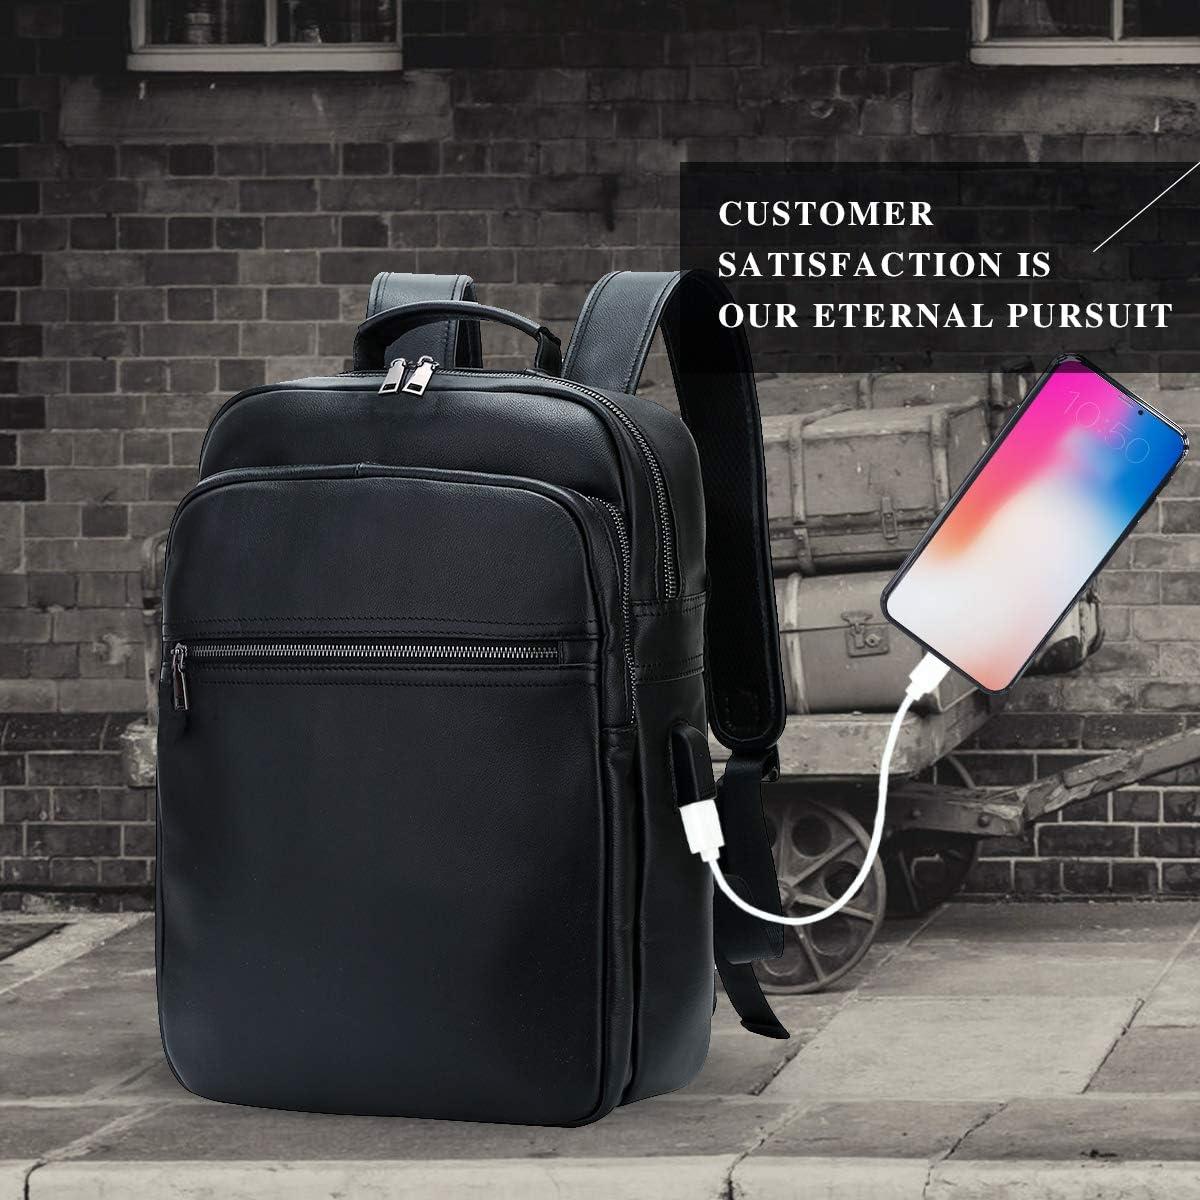 Leathario Zaino in Pelle Vera da Uomo Zaino Porta PC per Uso Quotidiano Lavoro Universit/à Casual Viaggio Grande Capacit/à alla Moda Elegante